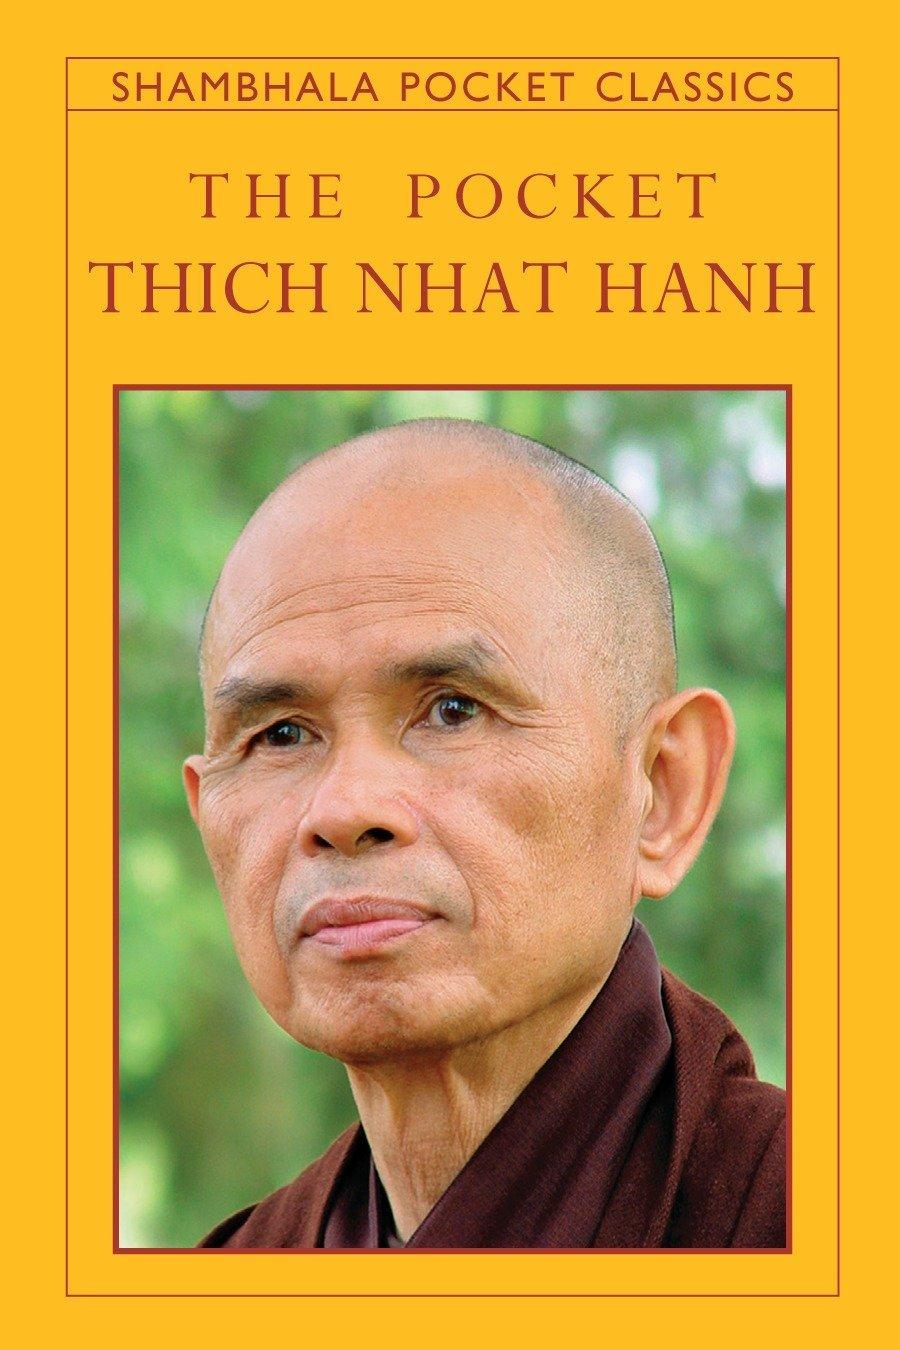 Read Online The Pocket Thich Nhat Hanh (Shambhala Pocket Classics) pdf epub